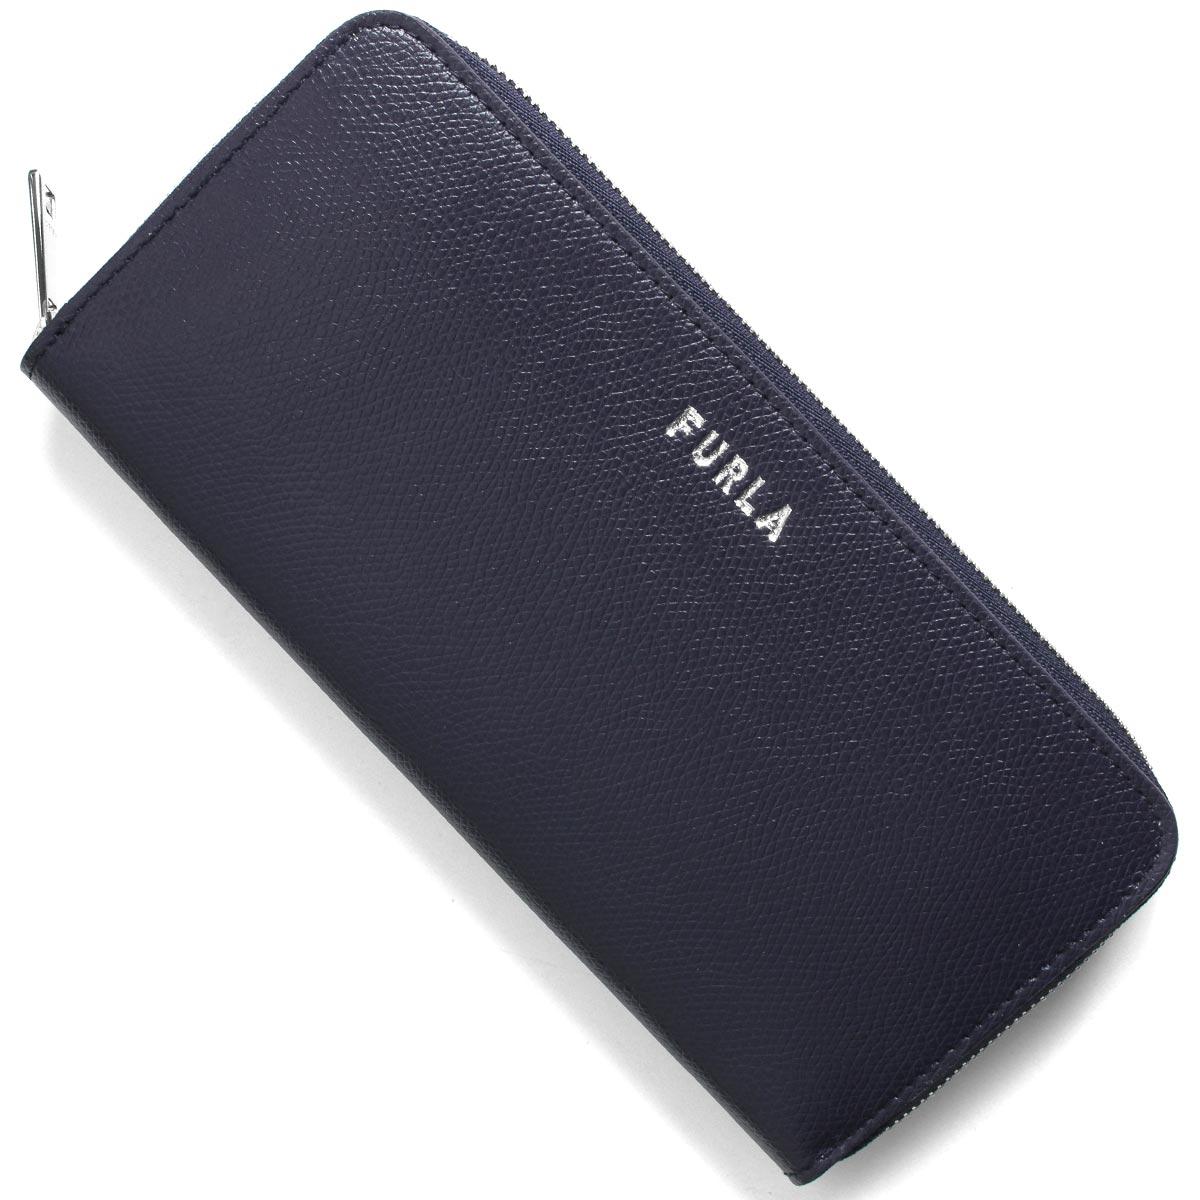 フルラ 長財布 財布 レディース ネクスト オセアノネイビー PDJ1 ARE 07A 1064180 FURLA